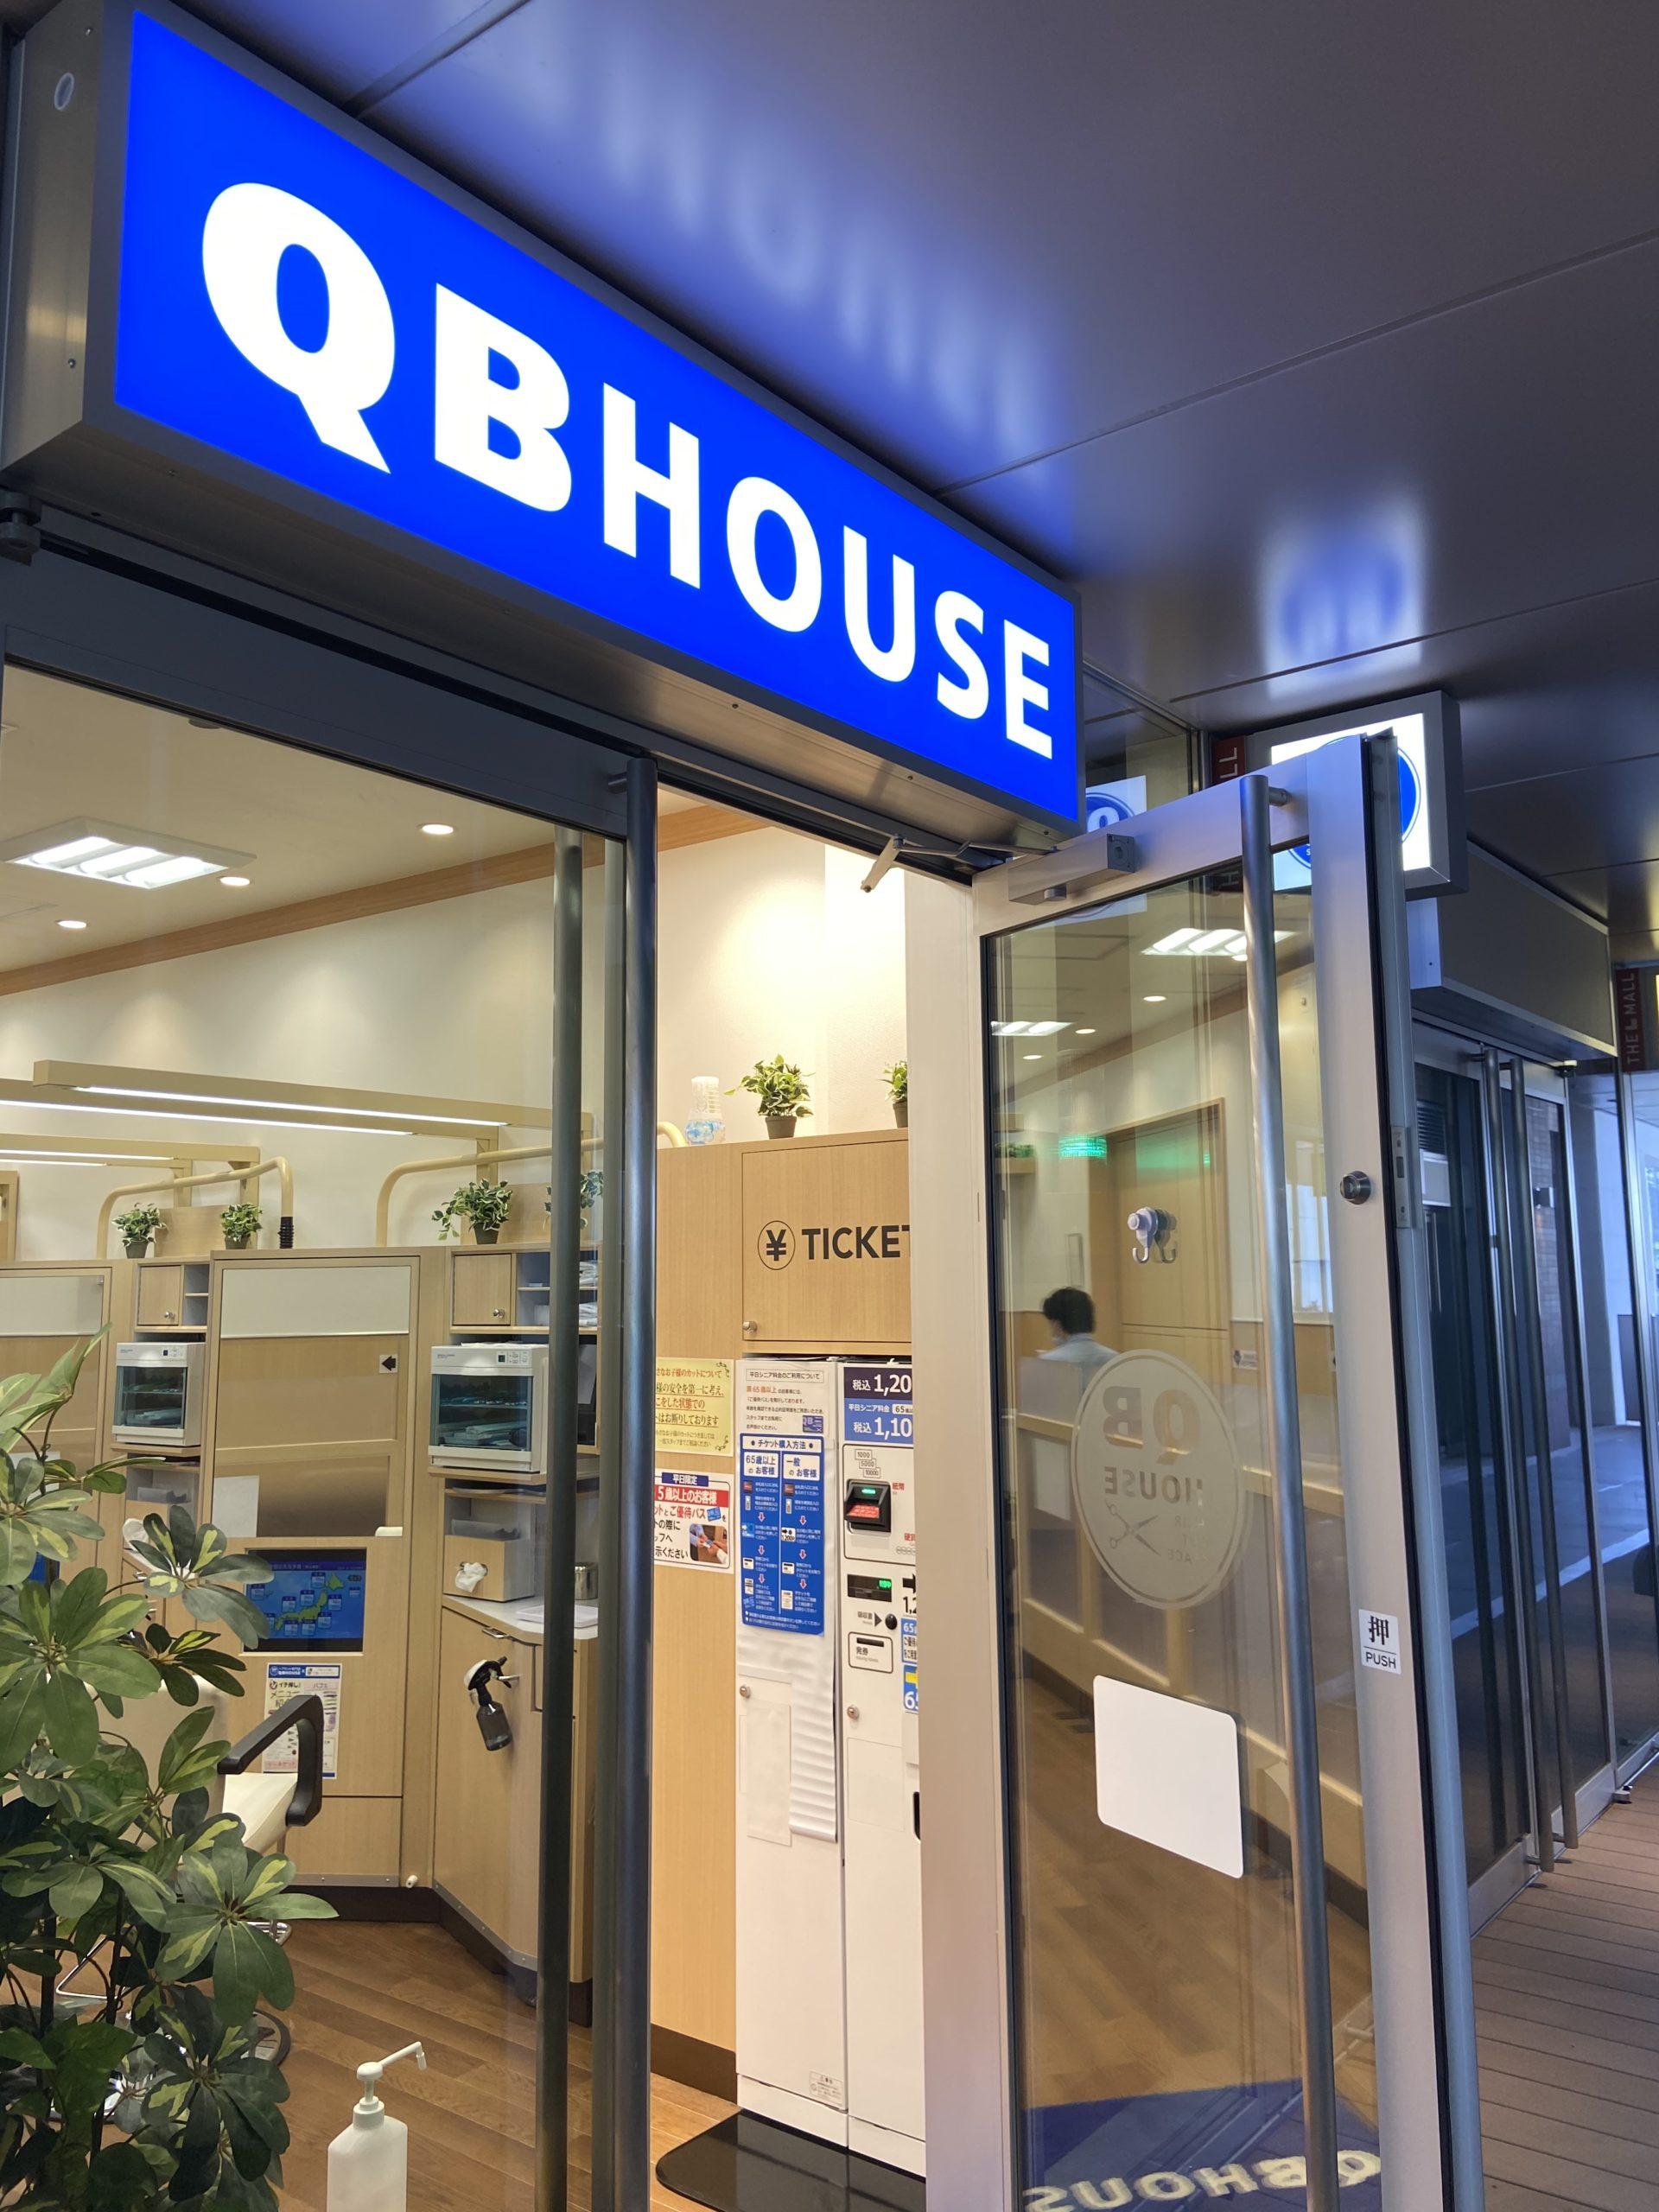 理髪店・休業・QBハウス・西村経済再生相 | Furublog